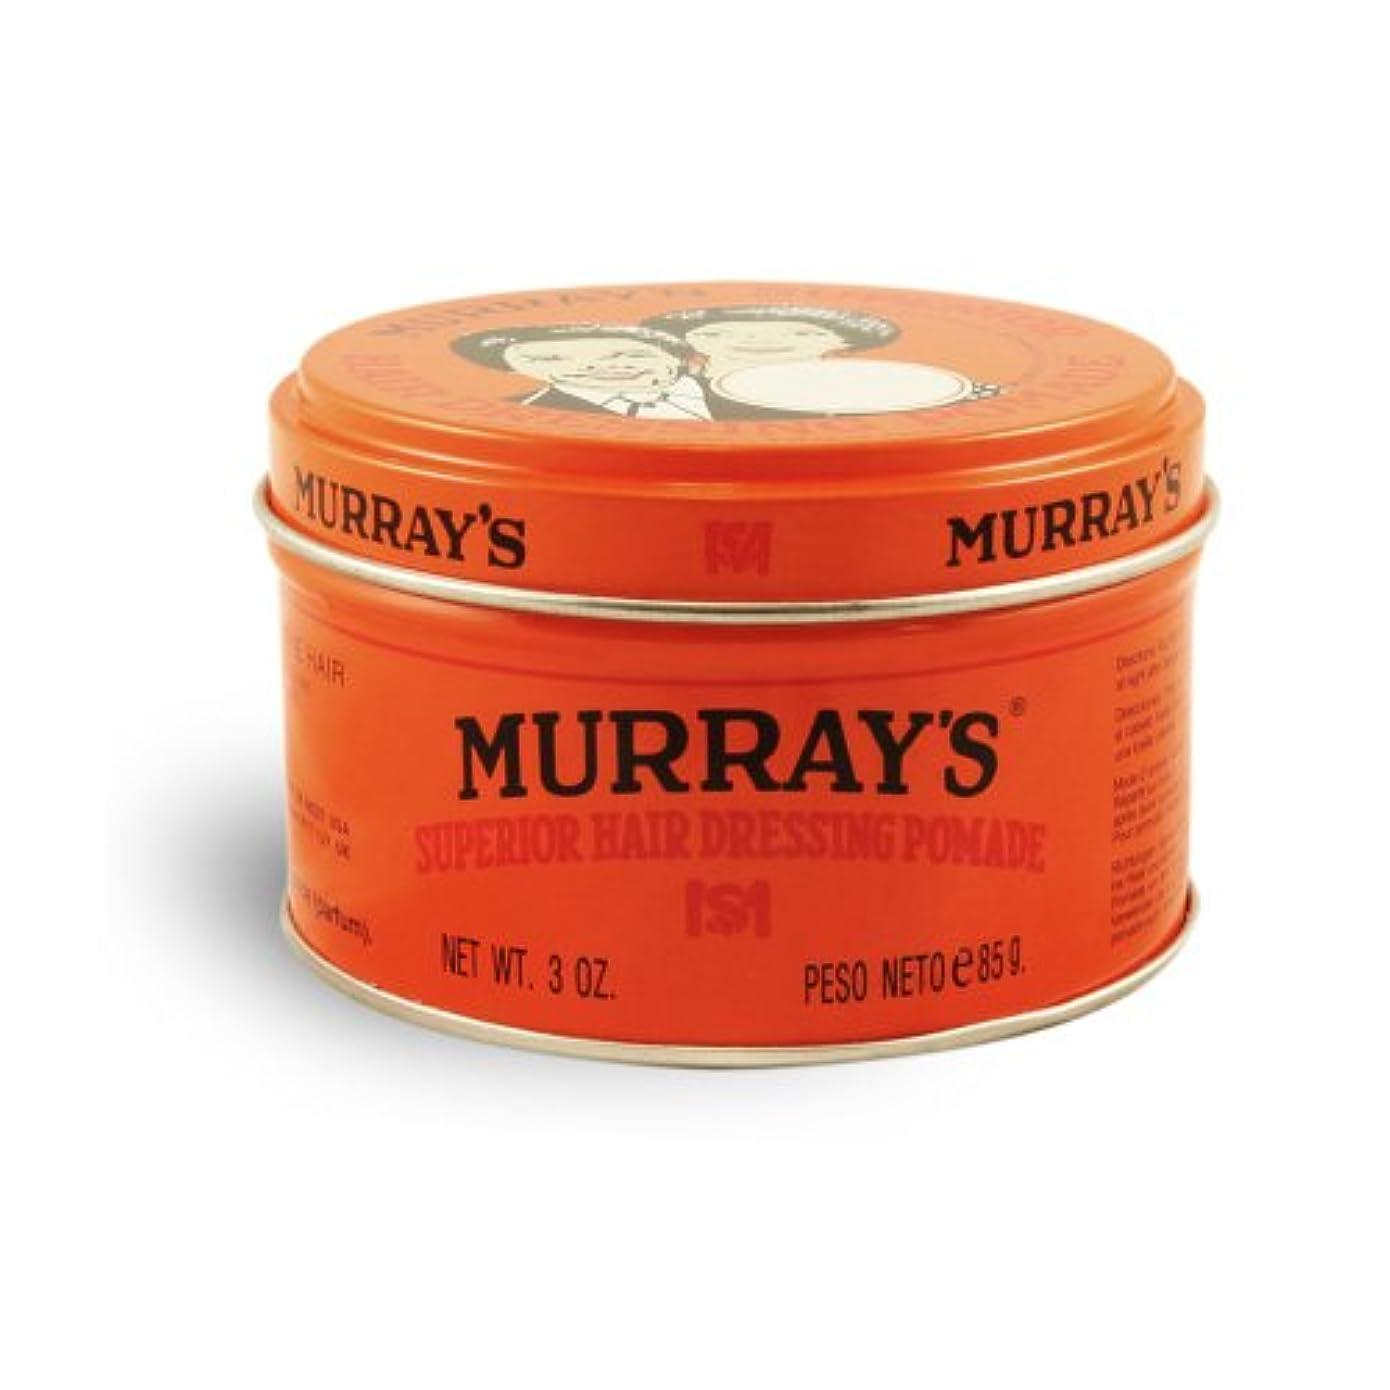 土地アフリカ台無しにMurrays マレーの優れた整髪料のポマード、3オンス(3パック)